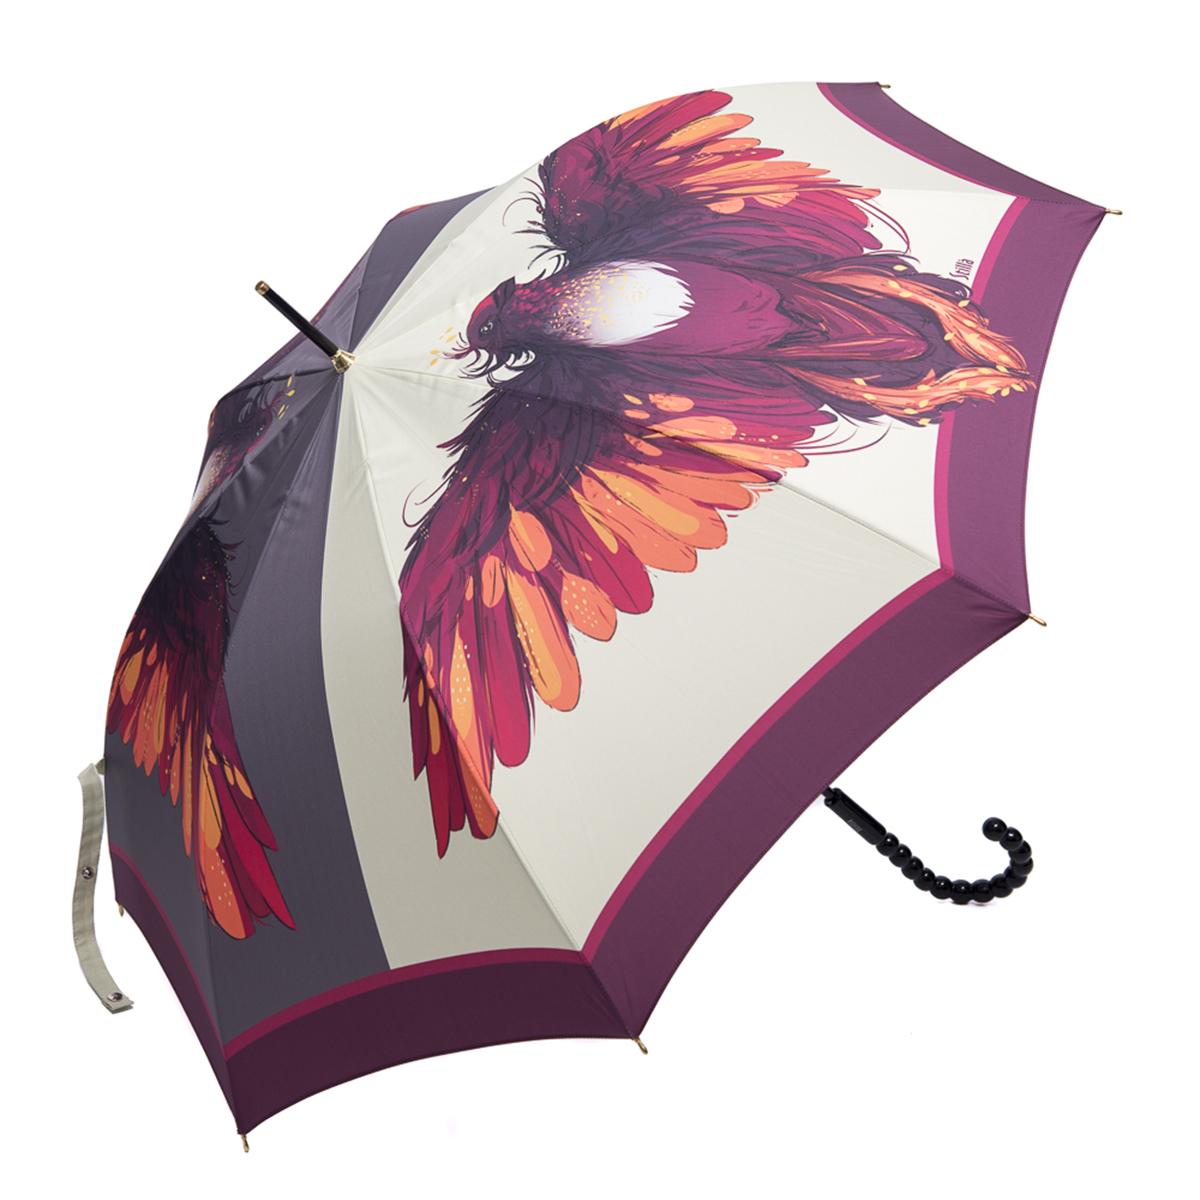 Зонт-трость женский Stilla, цвет: молочный, пурпурный, оранжевый. 760/1 auto760/1 autoЗонт-трость Stilla надежно защитит вас от дождя. Купол, оформленный оригинальным принтом, выполнен из высококачественного ПВХ, который не пропускает воду. Каркас зонта и спицы выполнены из высококарбонистой стали. Зонт имеет автоматический тип сложения: открывается и закрывается при нажатии на кнопку. Удобная ручка выполнена из пластика.